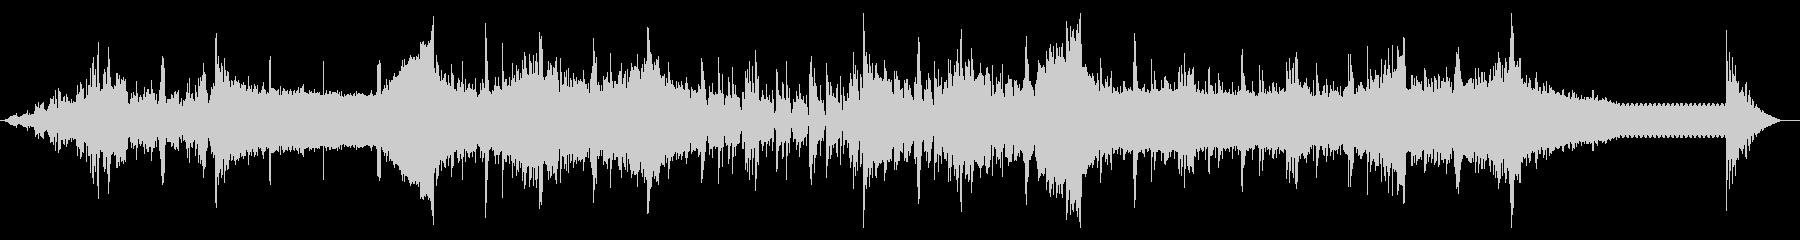 デジタルビープなテクスチャIDMの未再生の波形